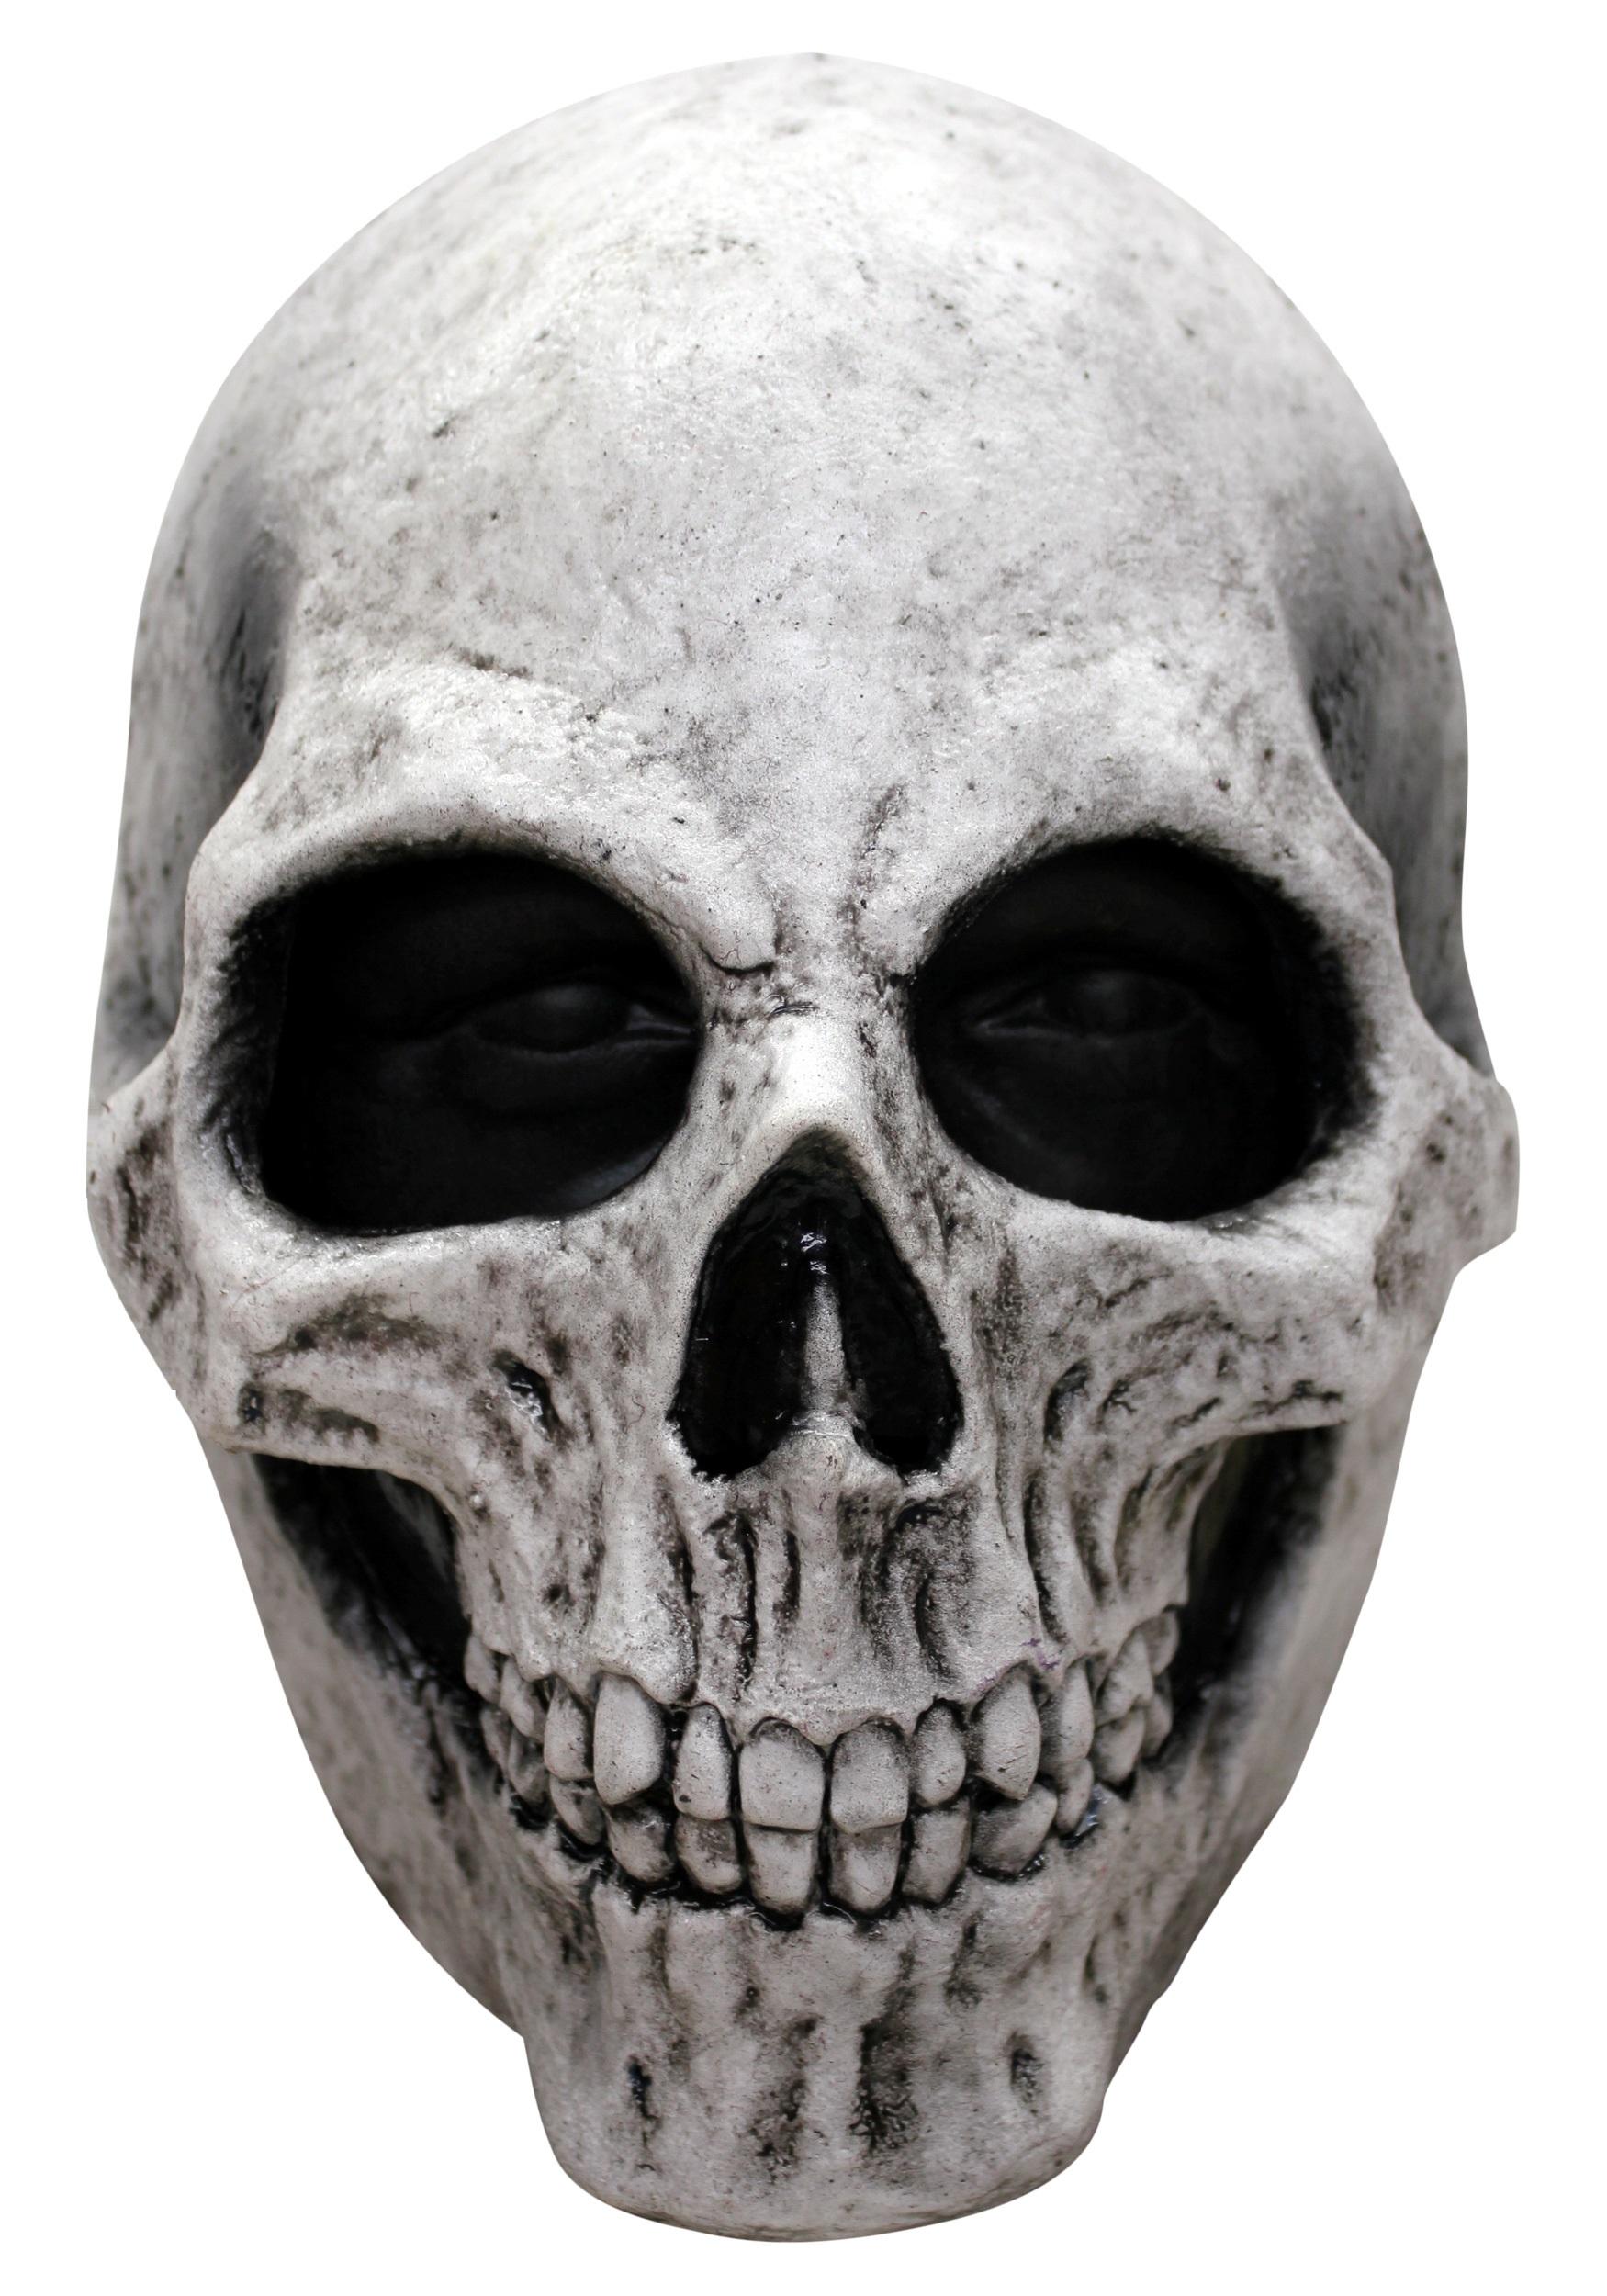 Uncategorized Skeleton Mask For Kids white skull mask